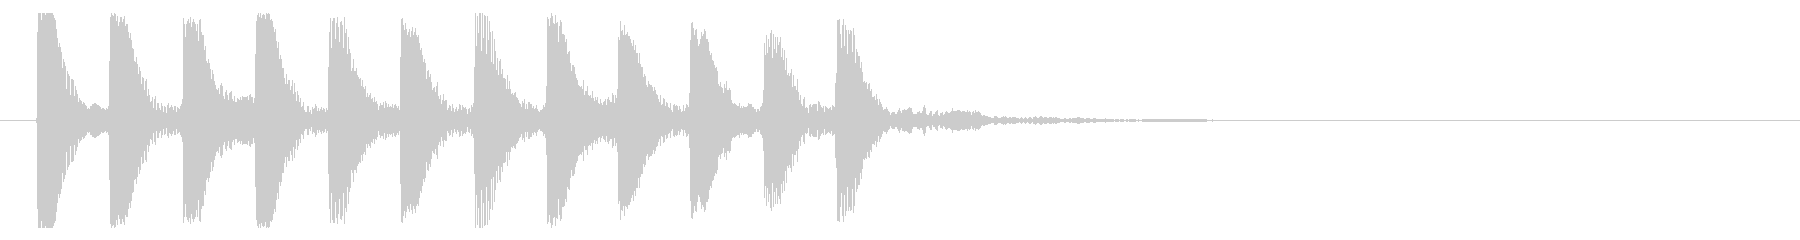 8ビット風システム音-16-1_revの未再生の波形